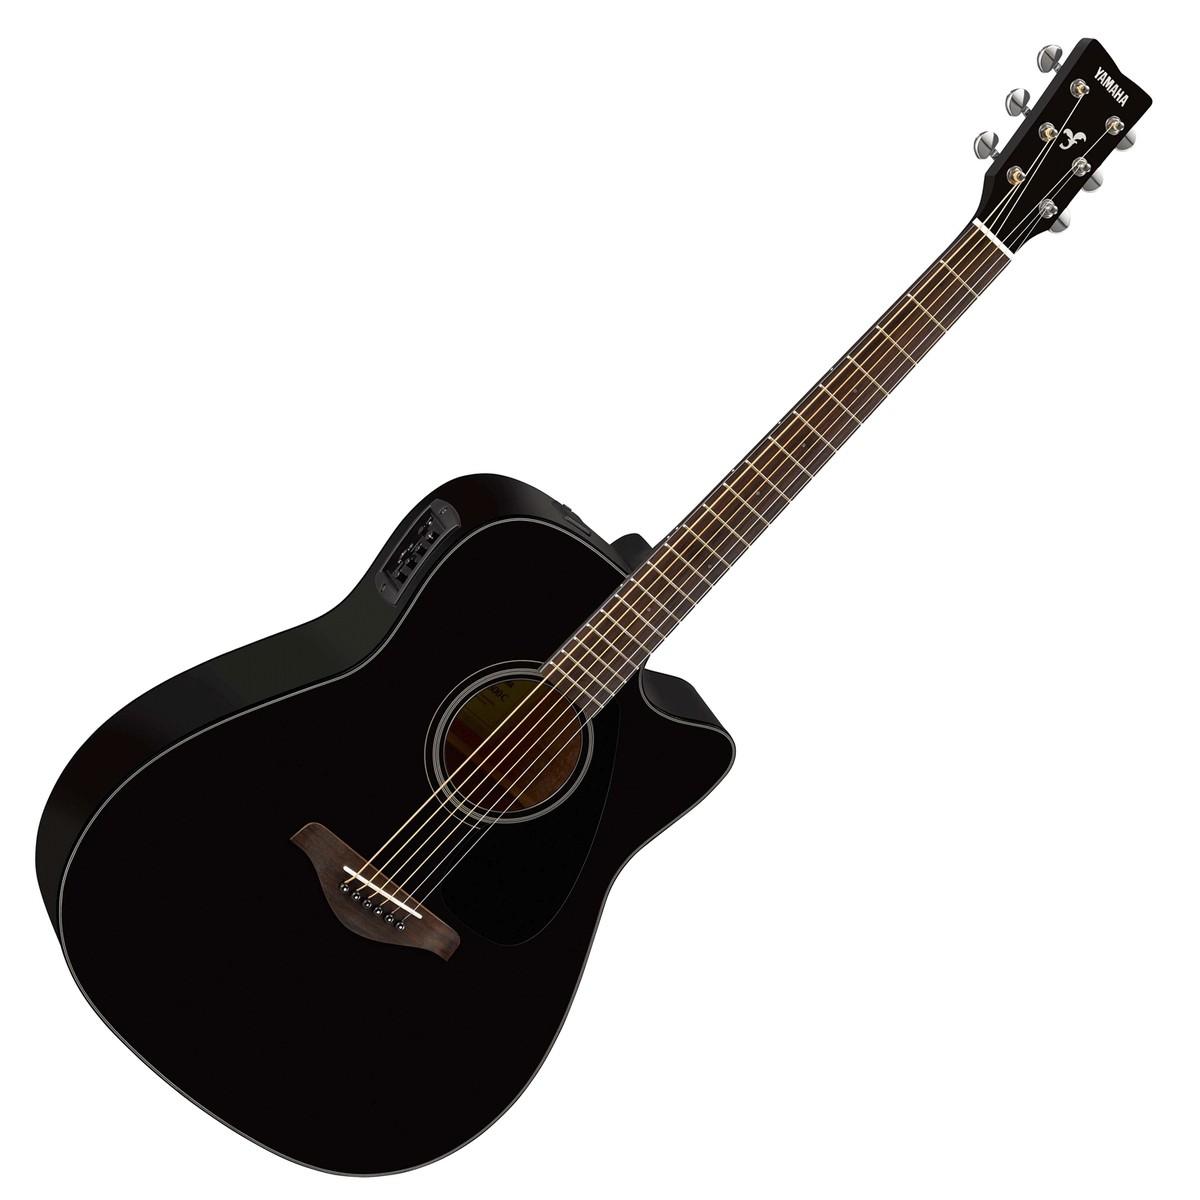 yamaha fgx800c electro acoustic guitar black at. Black Bedroom Furniture Sets. Home Design Ideas